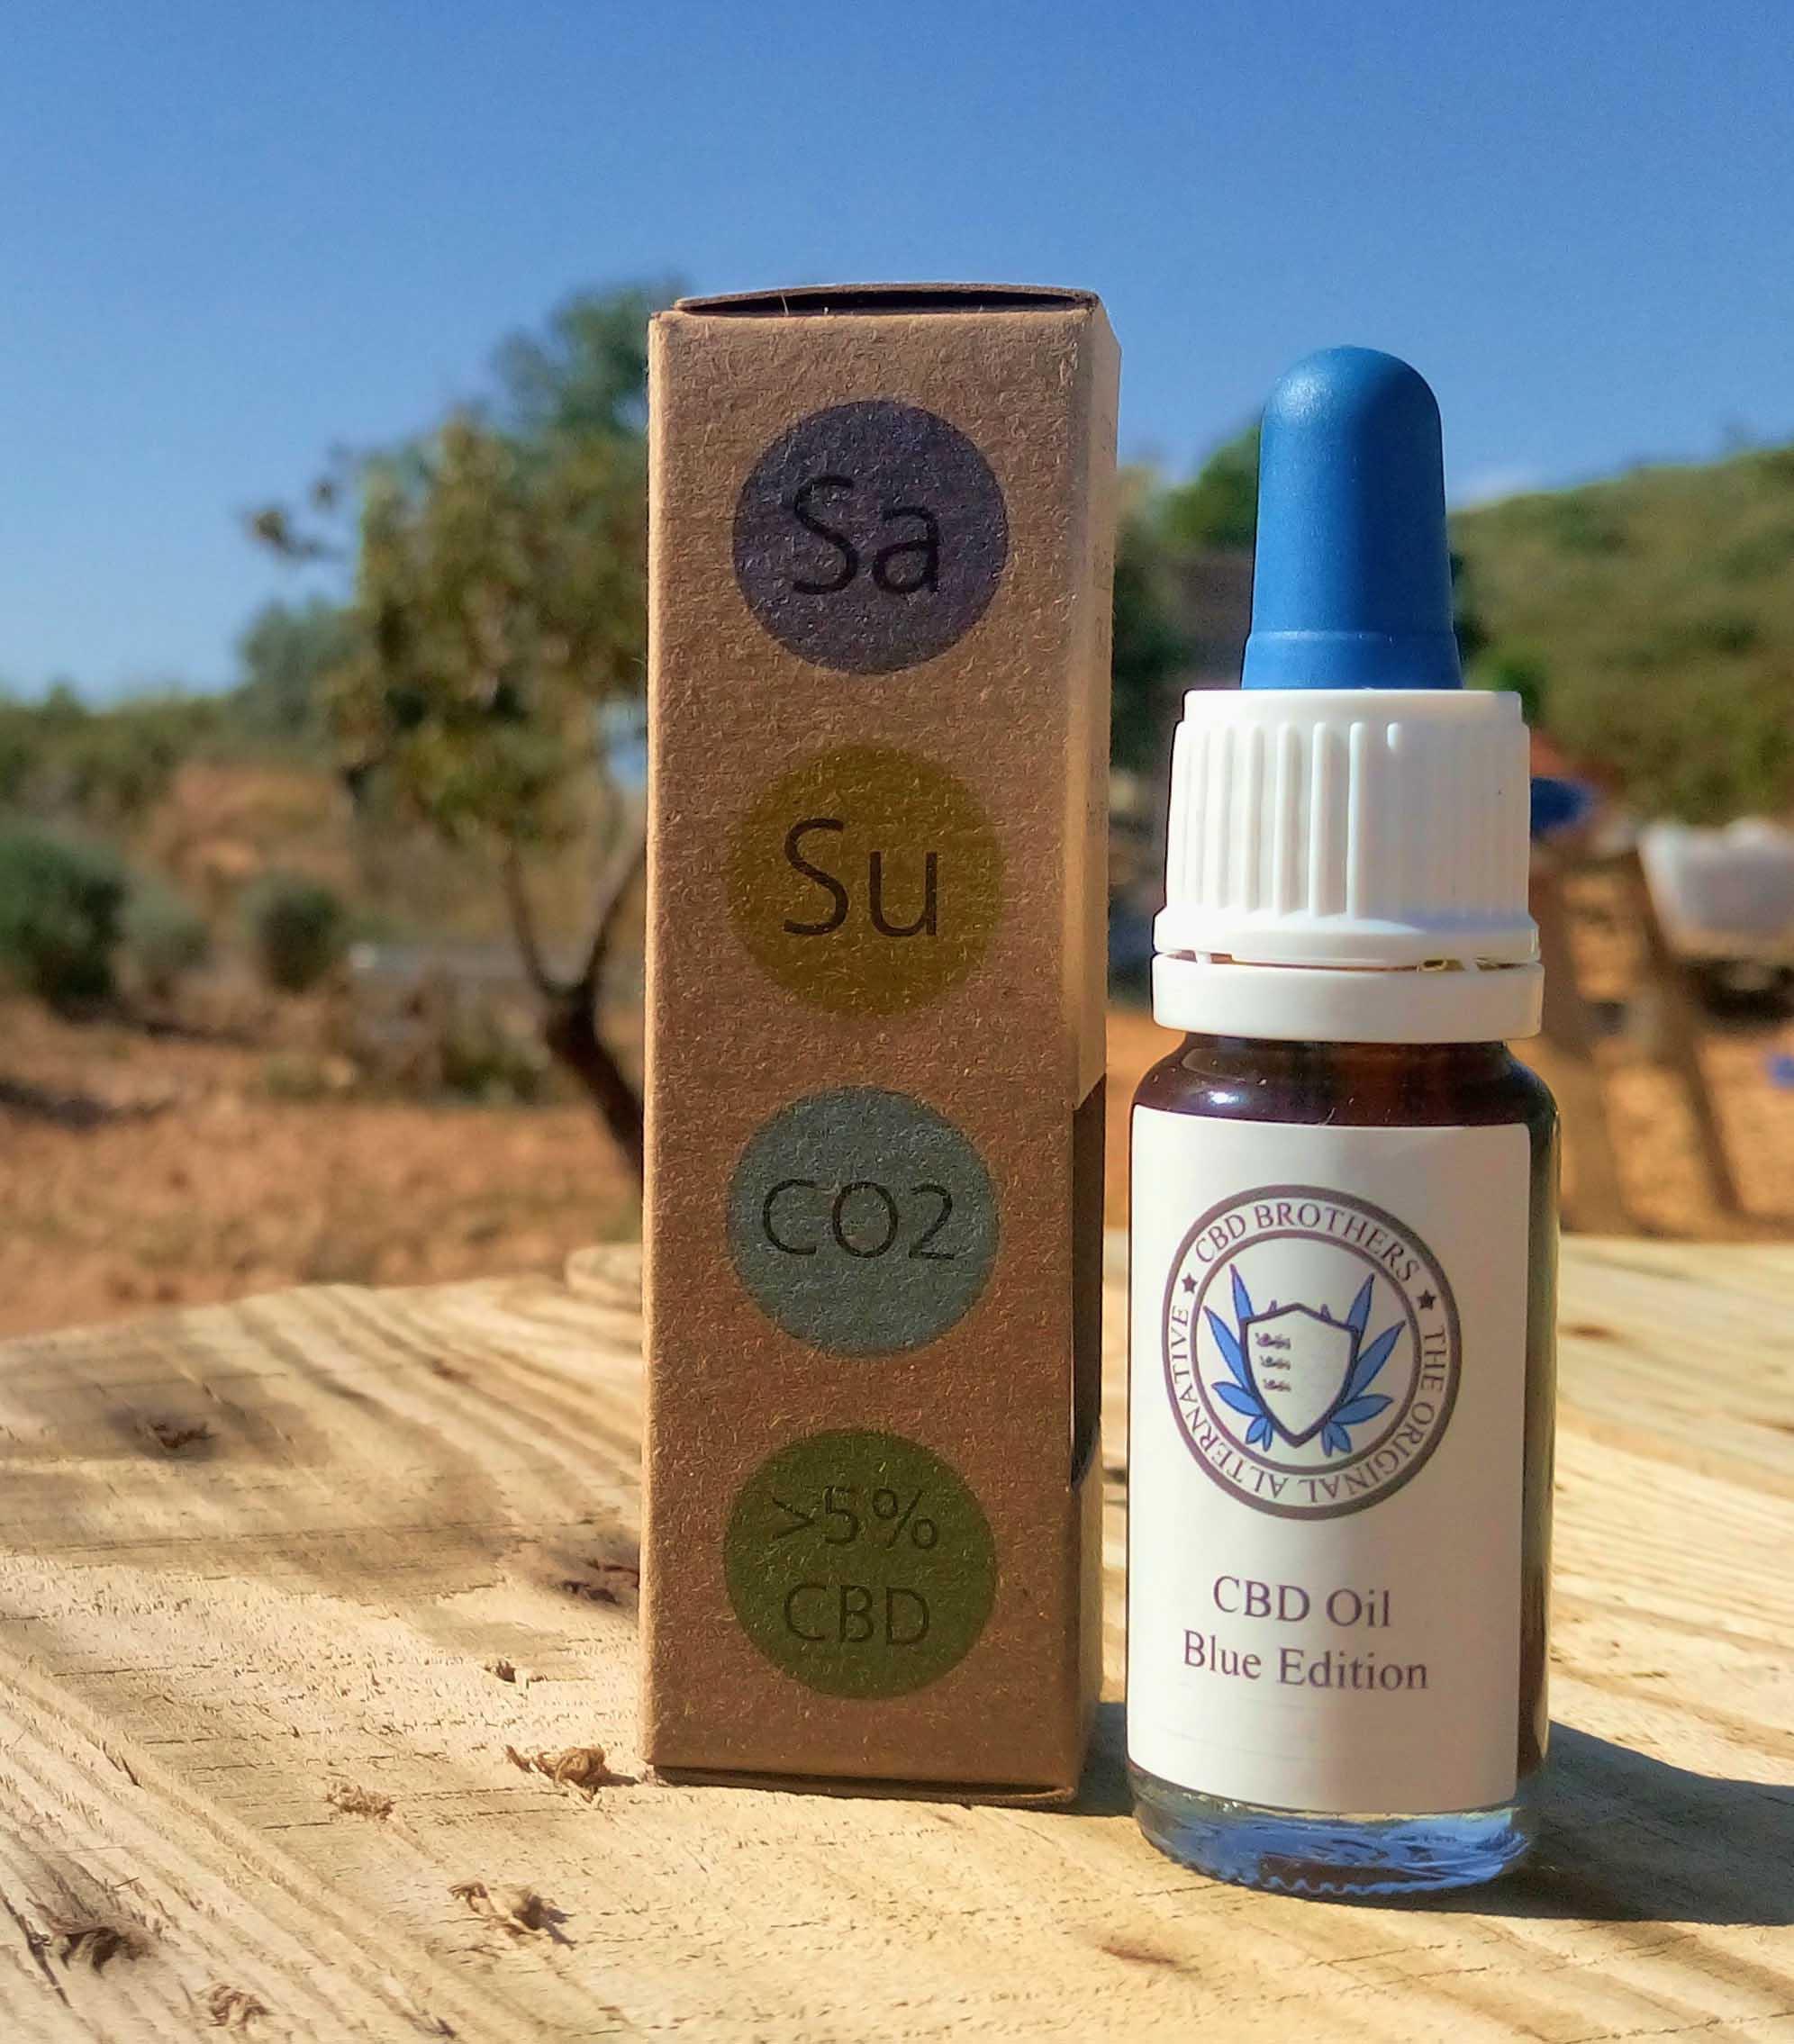 Blue Edition CBD Oil – 2000mg > 25% CBD – 5% Per 10ml (Sativa)